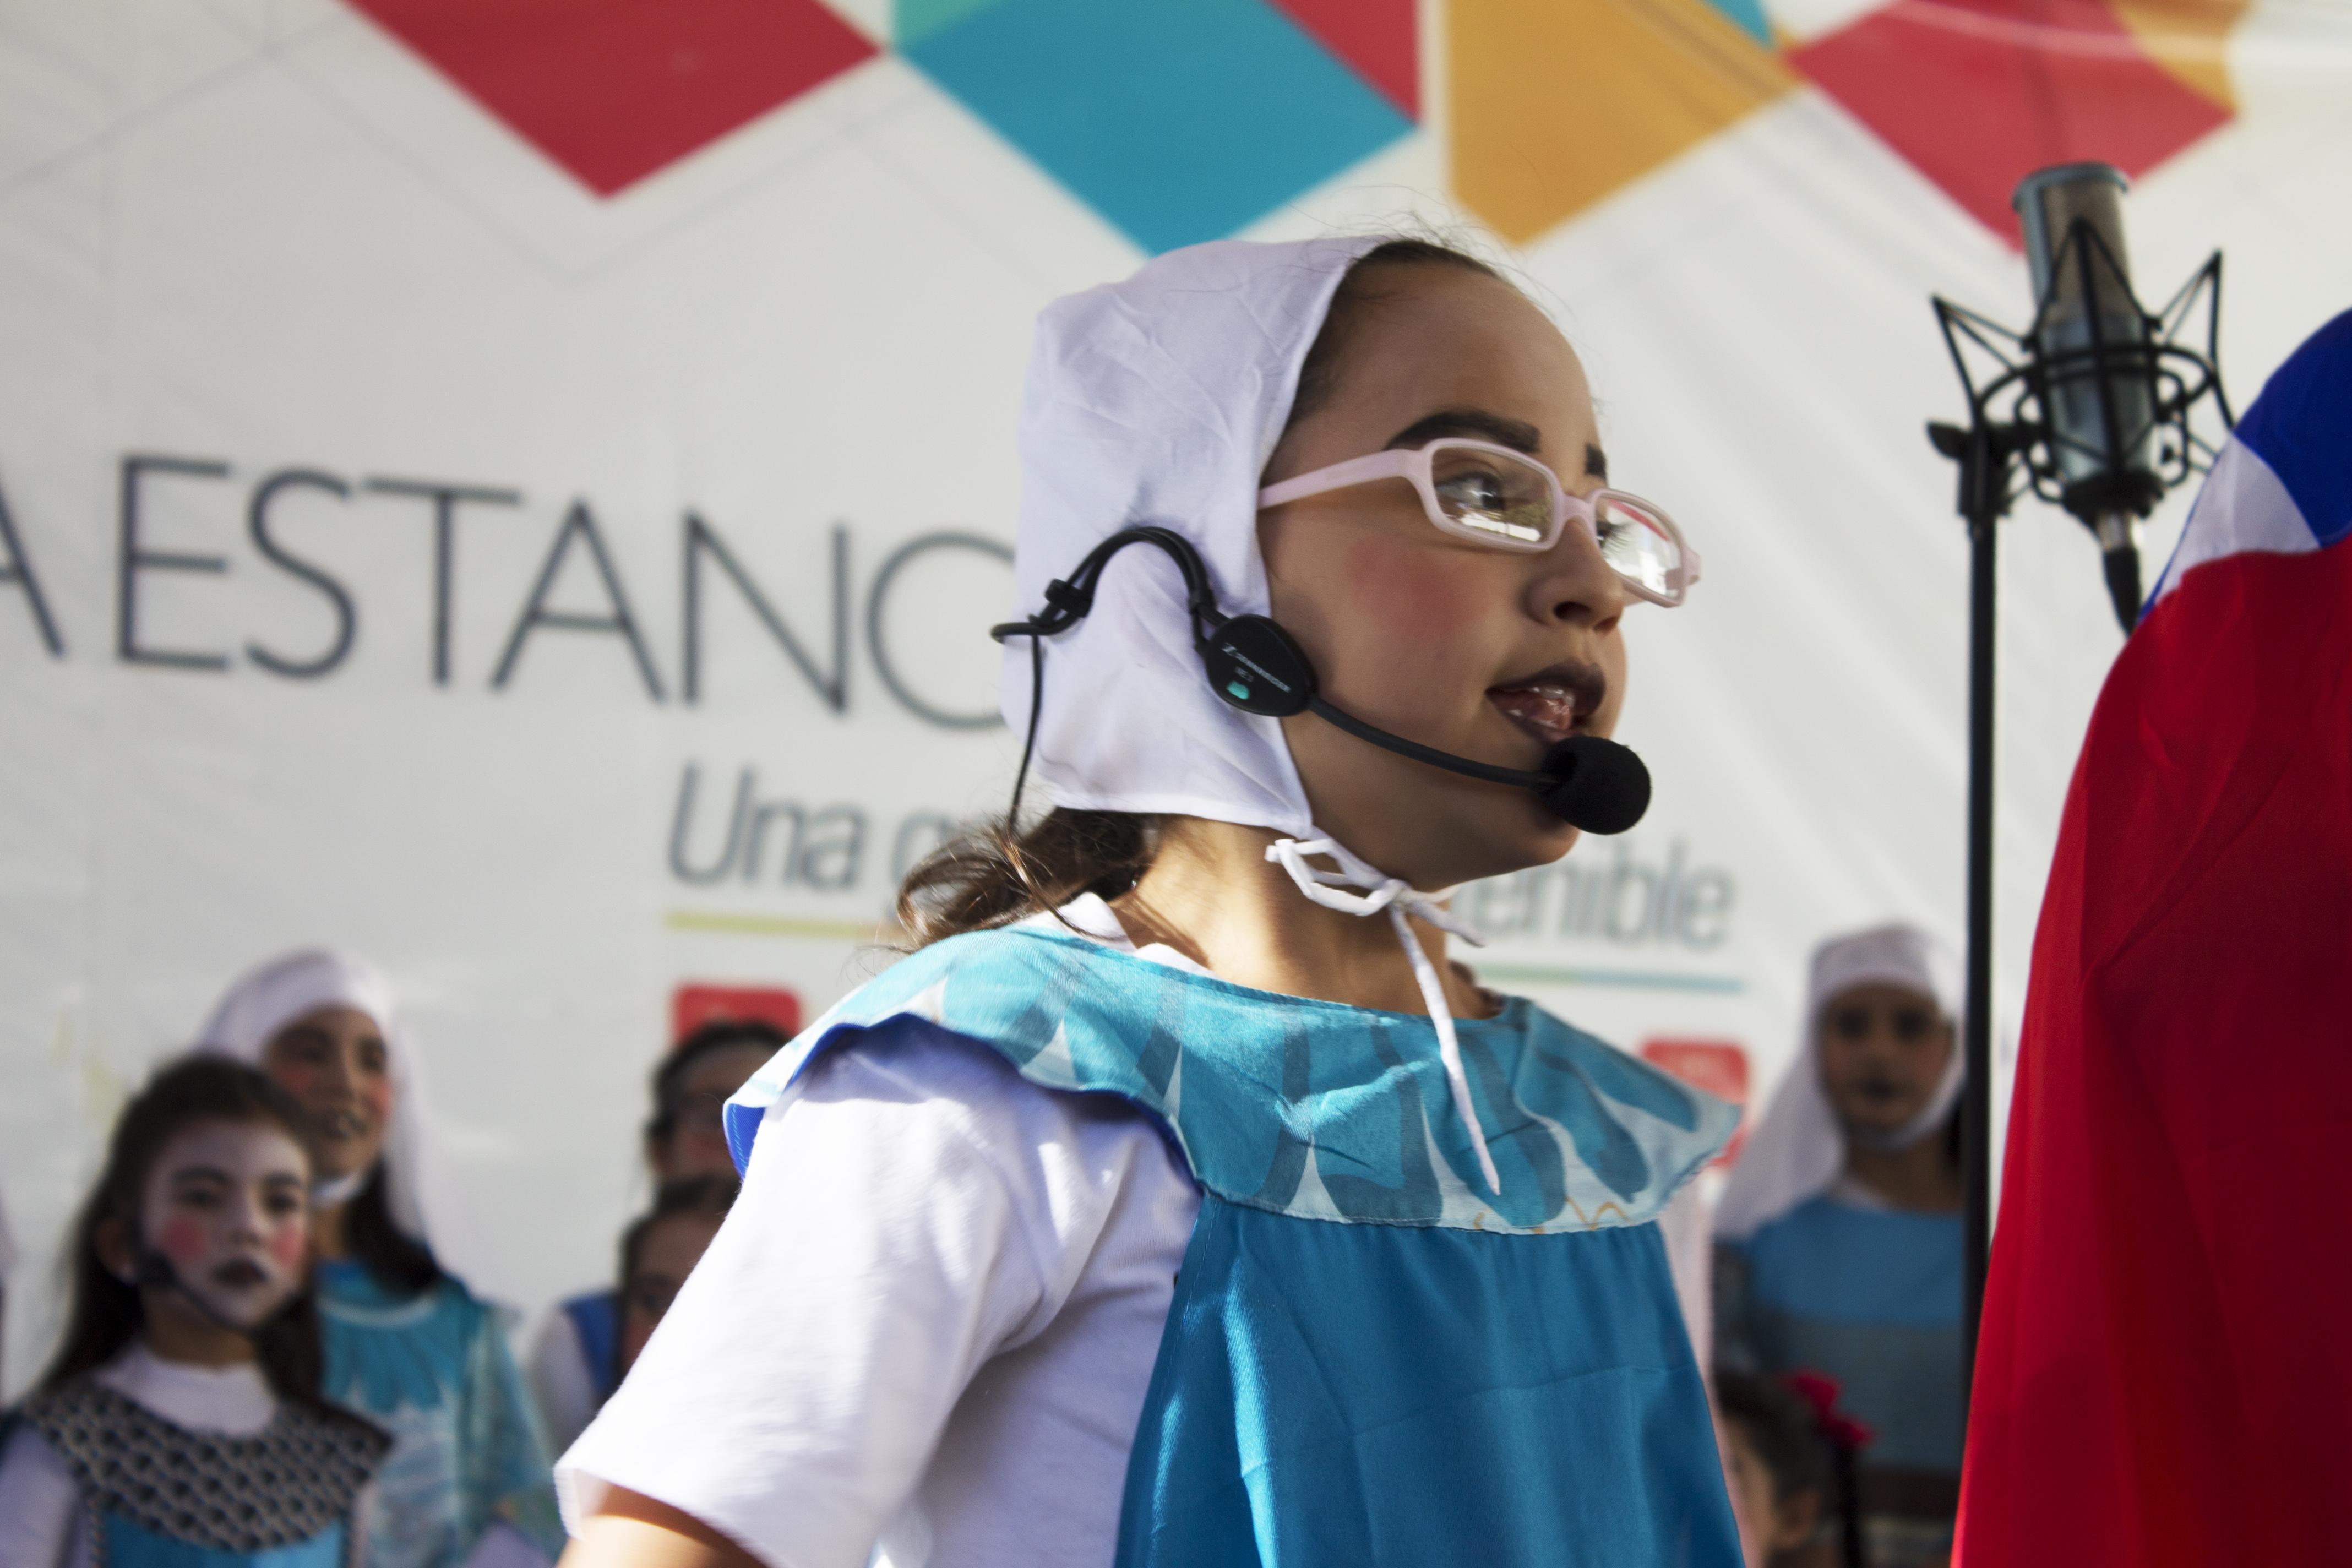 Una niña del Coro Infantil y Juvenil de la UCV